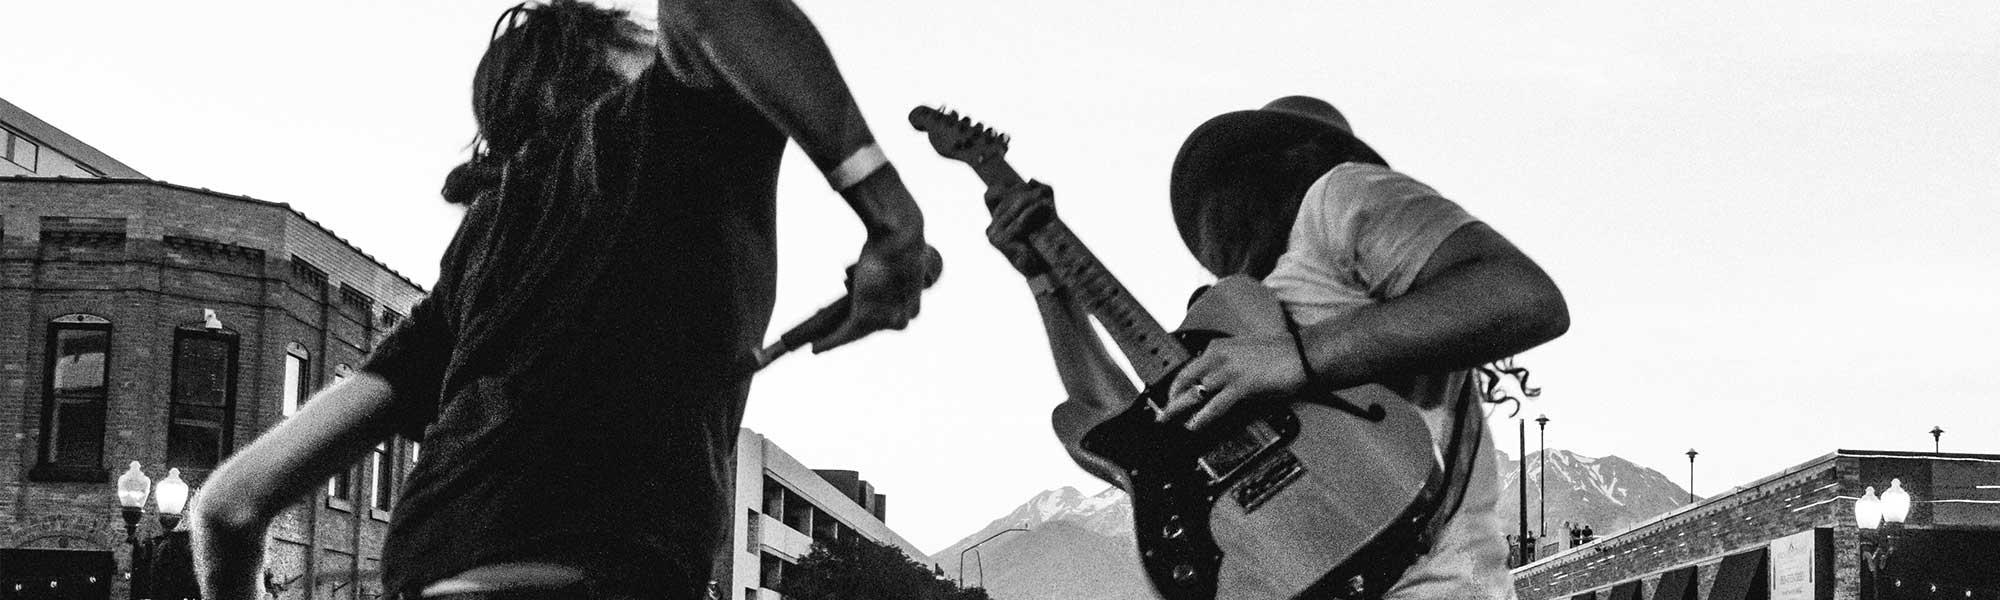 Rockband Bayern buchen für Event